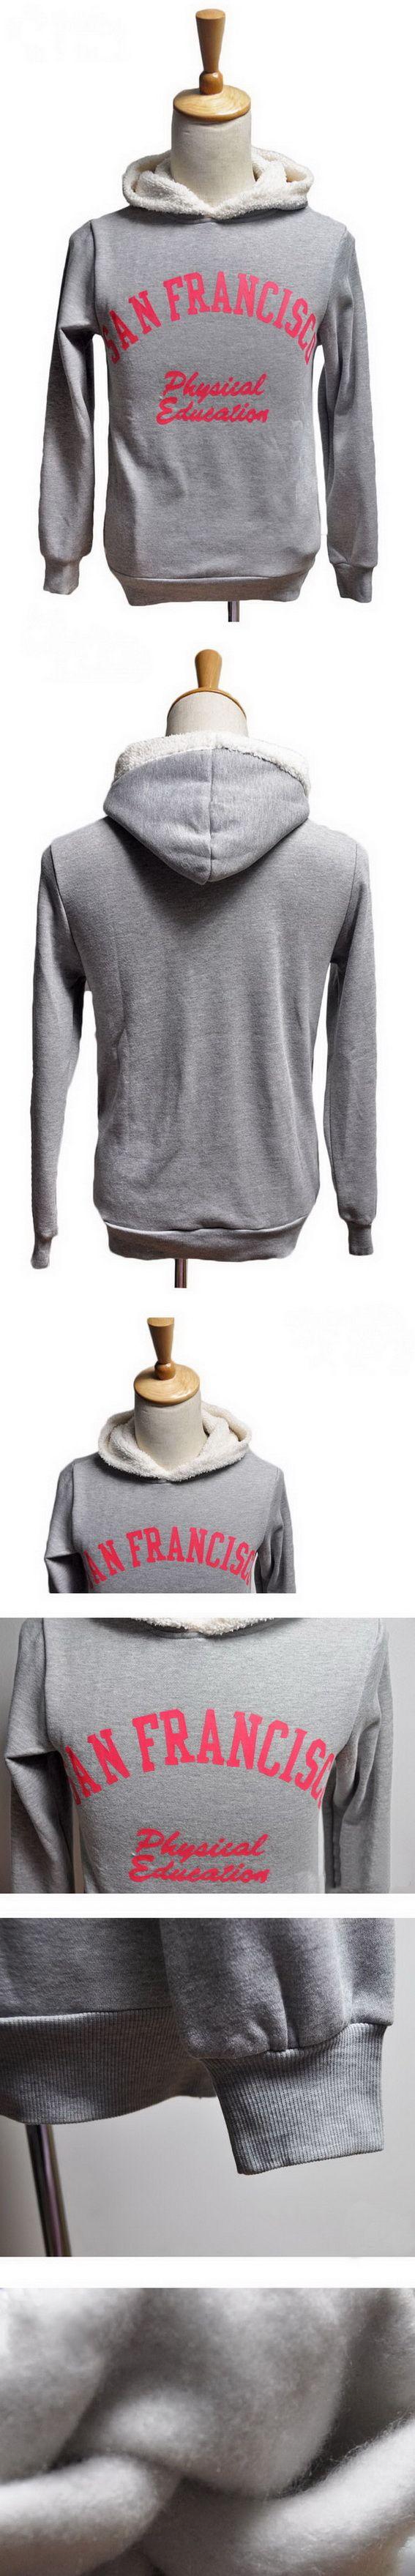 เสื้อกันหนาวผู้ชาย : สเวตเตอร์ฮูดขลิบ fur